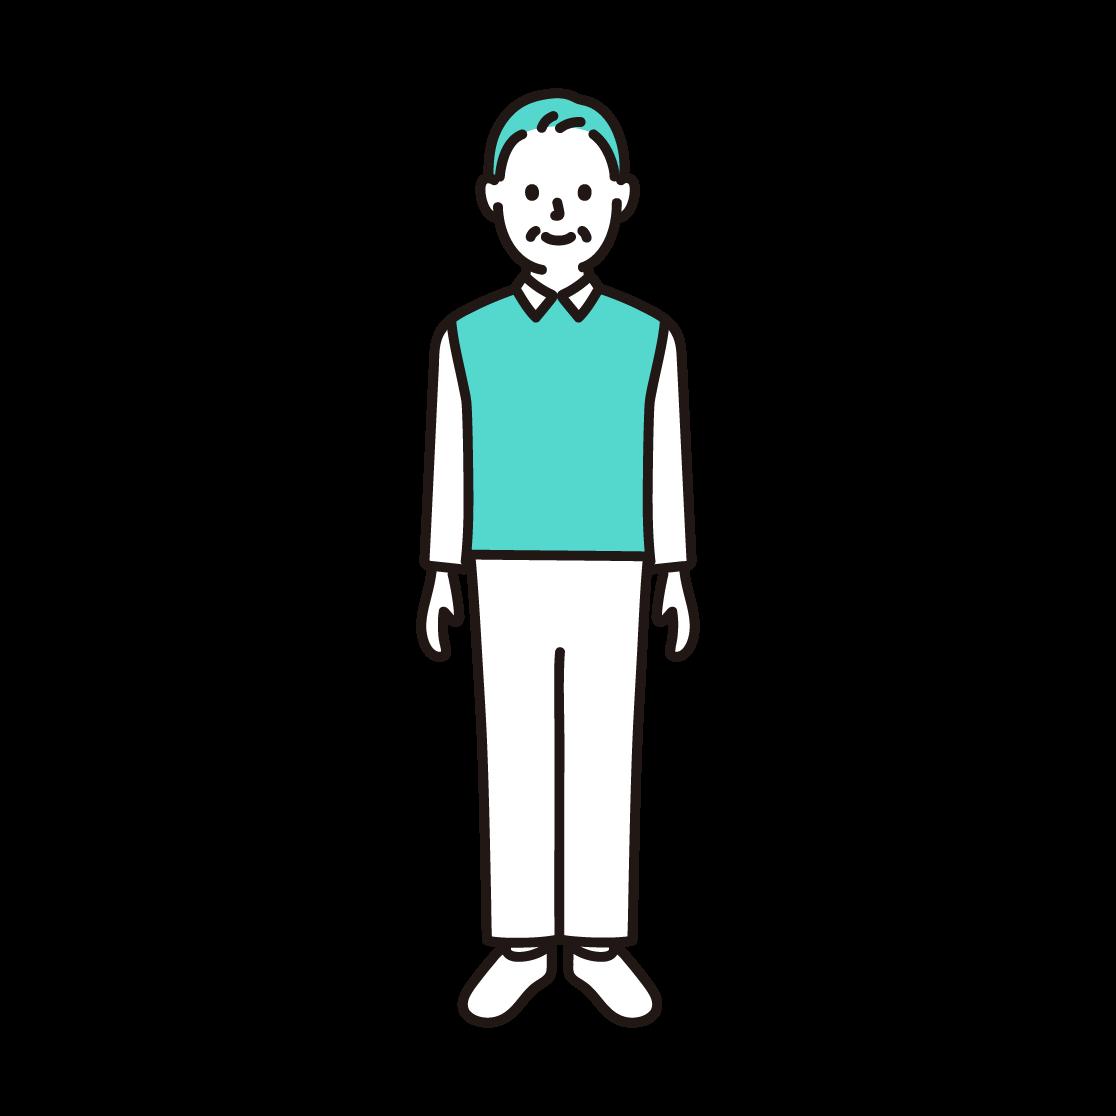 50代・60代の男性(全身)の単色イラスト